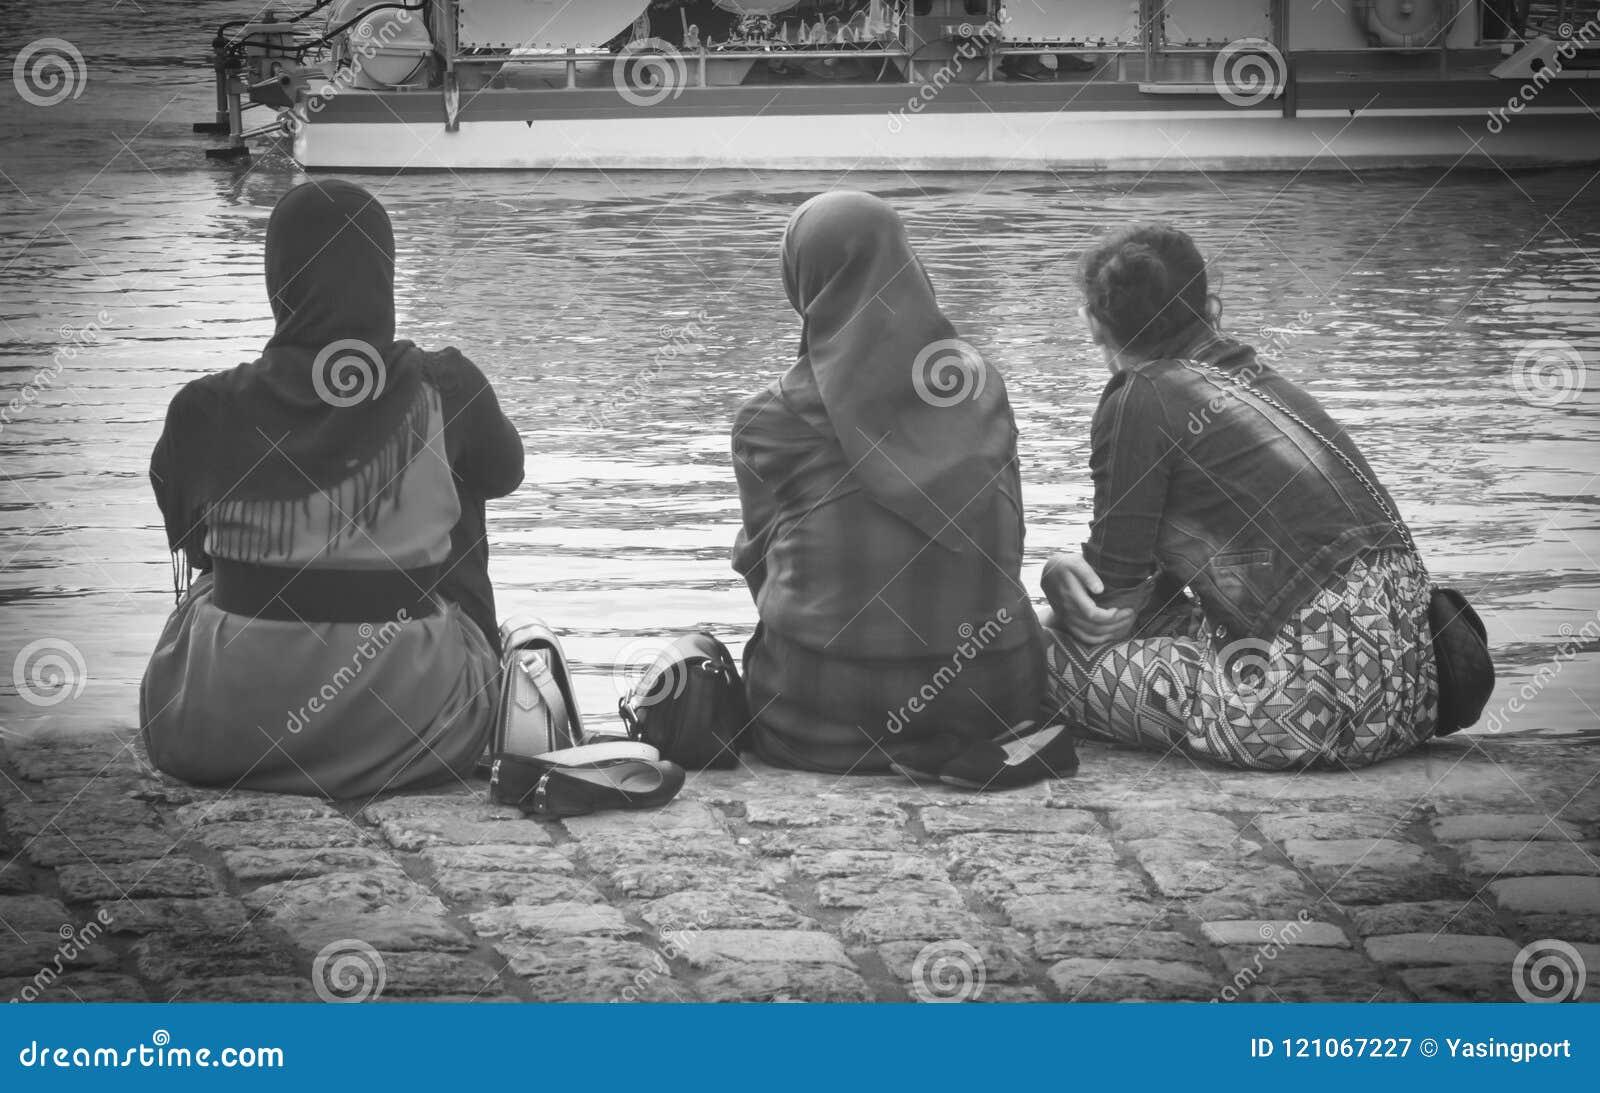 Moslemische Frau tragendes hijab, das auf dem Ozean schaut